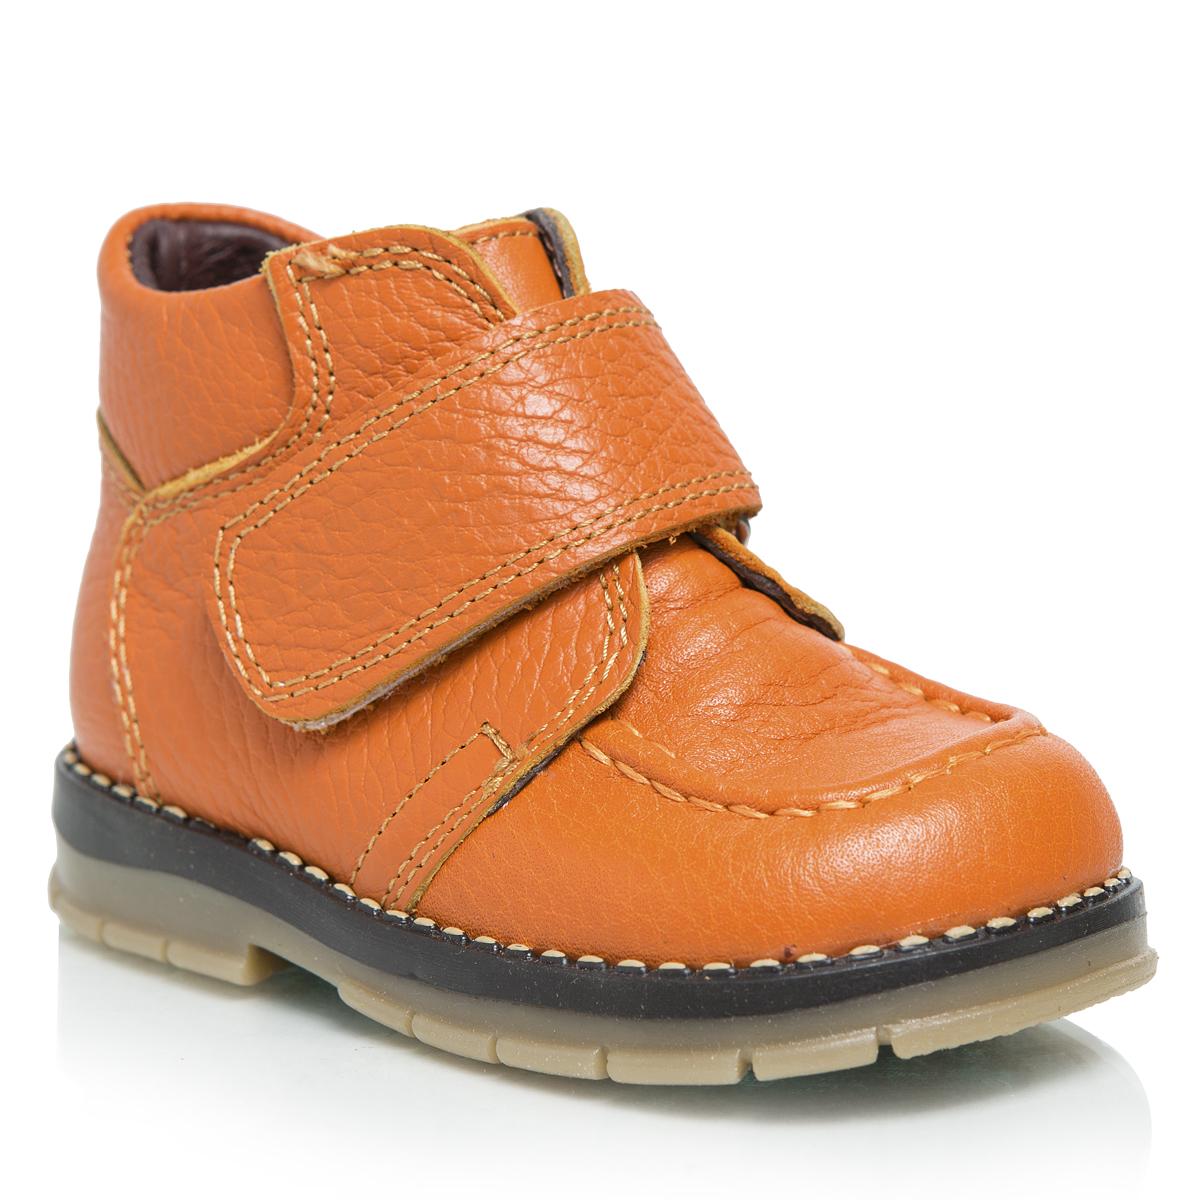 Ботинки детские. 241-33241-33Модные детские ботинки Таши Орто приведут в восторг вашего ребенка. Модель выполнена из натуральной кожи. Литая анатомическая стелька из натуральной кожи со сводоподдерживающим элементом и латексным покрытием, не продавливающаяся во время носки, обеспечивает правильное формирование стопы. Благодаря использованию современных внутренних материалов, позволяет оптимально распределить нагрузку по всей площади стопы, дает ножке ощущение мягкости и комфорта. Полужесткий задник фиксирует ножку ребенка, не давая ей смещаться из стороны в сторону и назад. Мягкая верхняя часть, которая плотно прилегает к ножке, и подкладка, изготовленная из натуральной кожи, позволяют избежать натирания. Ремешок на застежке-липучке, декорированный символикой бренда, помогает оптимально подогнать полноту обуви по ноге и гарантирует надежную фиксацию. Благодаря такой застежке ребенок может самостоятельно надевать обувь. Широкий, устойчивый каблук, специальной конфигурации каблук Томаса, продлен с внутренней...